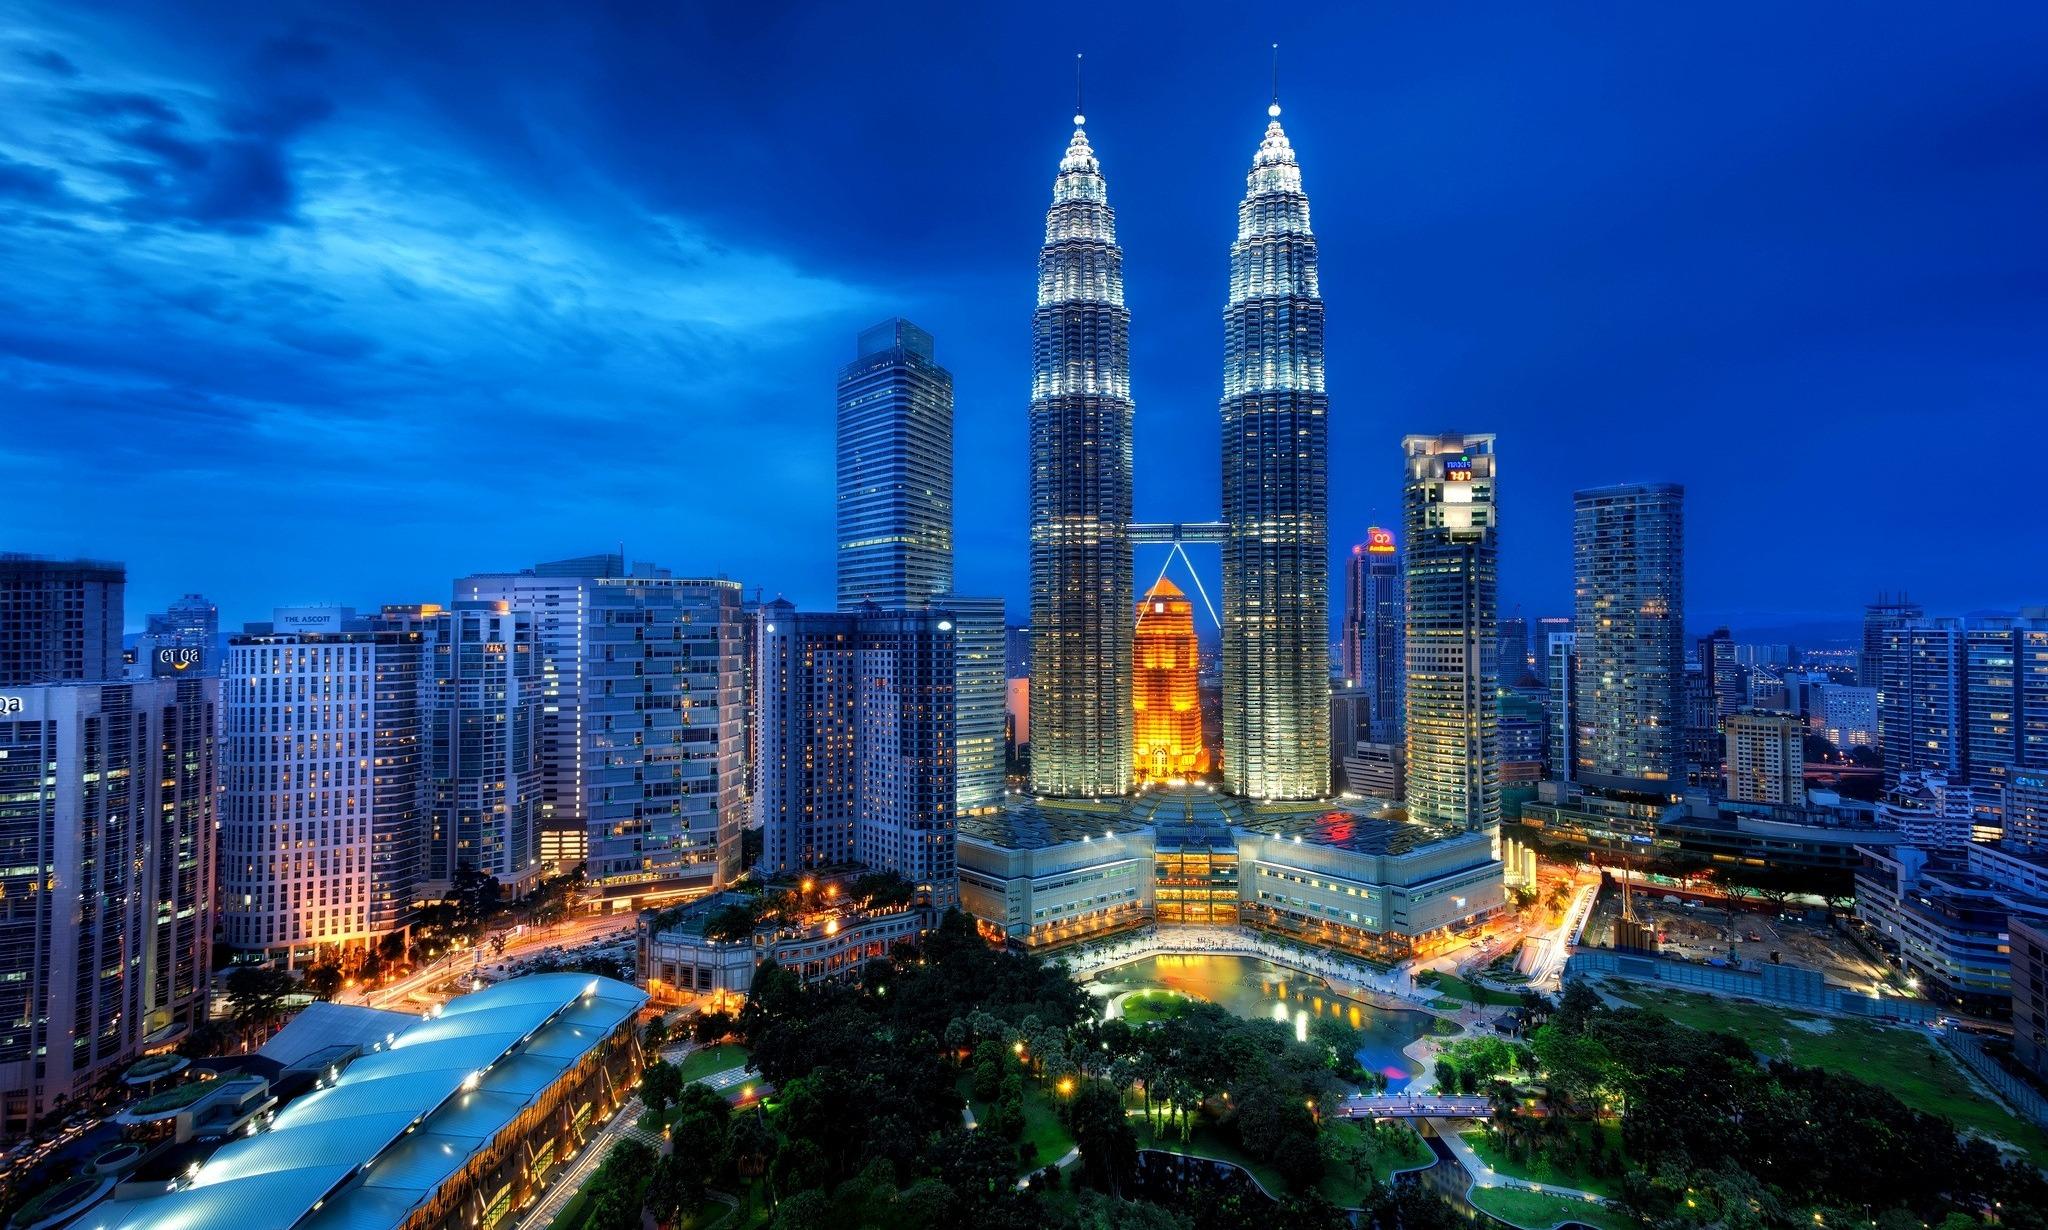 मलेसिया जाने कामदारको स्वास्थ्य परिक्षणका लागि सूचिकृत हुन श्रम मन्त्रालयको आह्वान